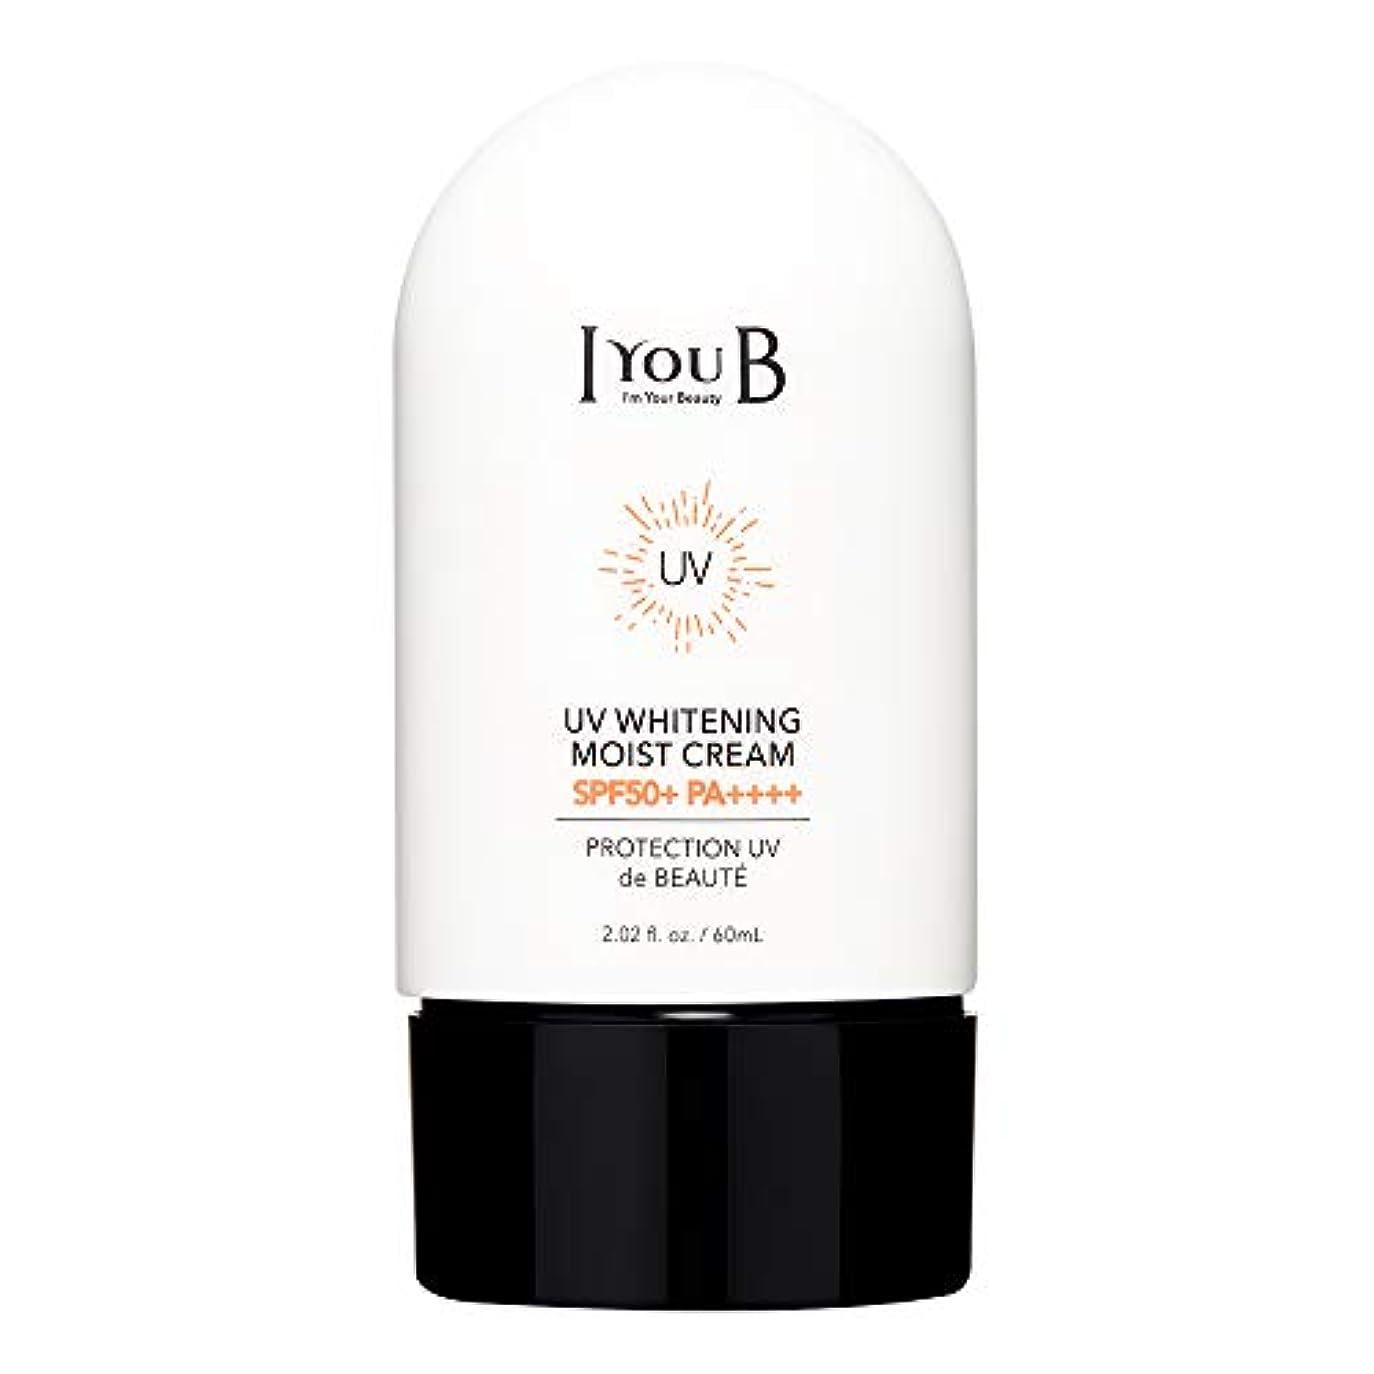 コンバーチブル財団ブラジャー[アイユビ]UVホワイトニングモイストクリーム 50+ PA++++60ml/2oz,[IYOUB] UV Whitening Moist Cream SPF 50+ PA++++60ml/2oz